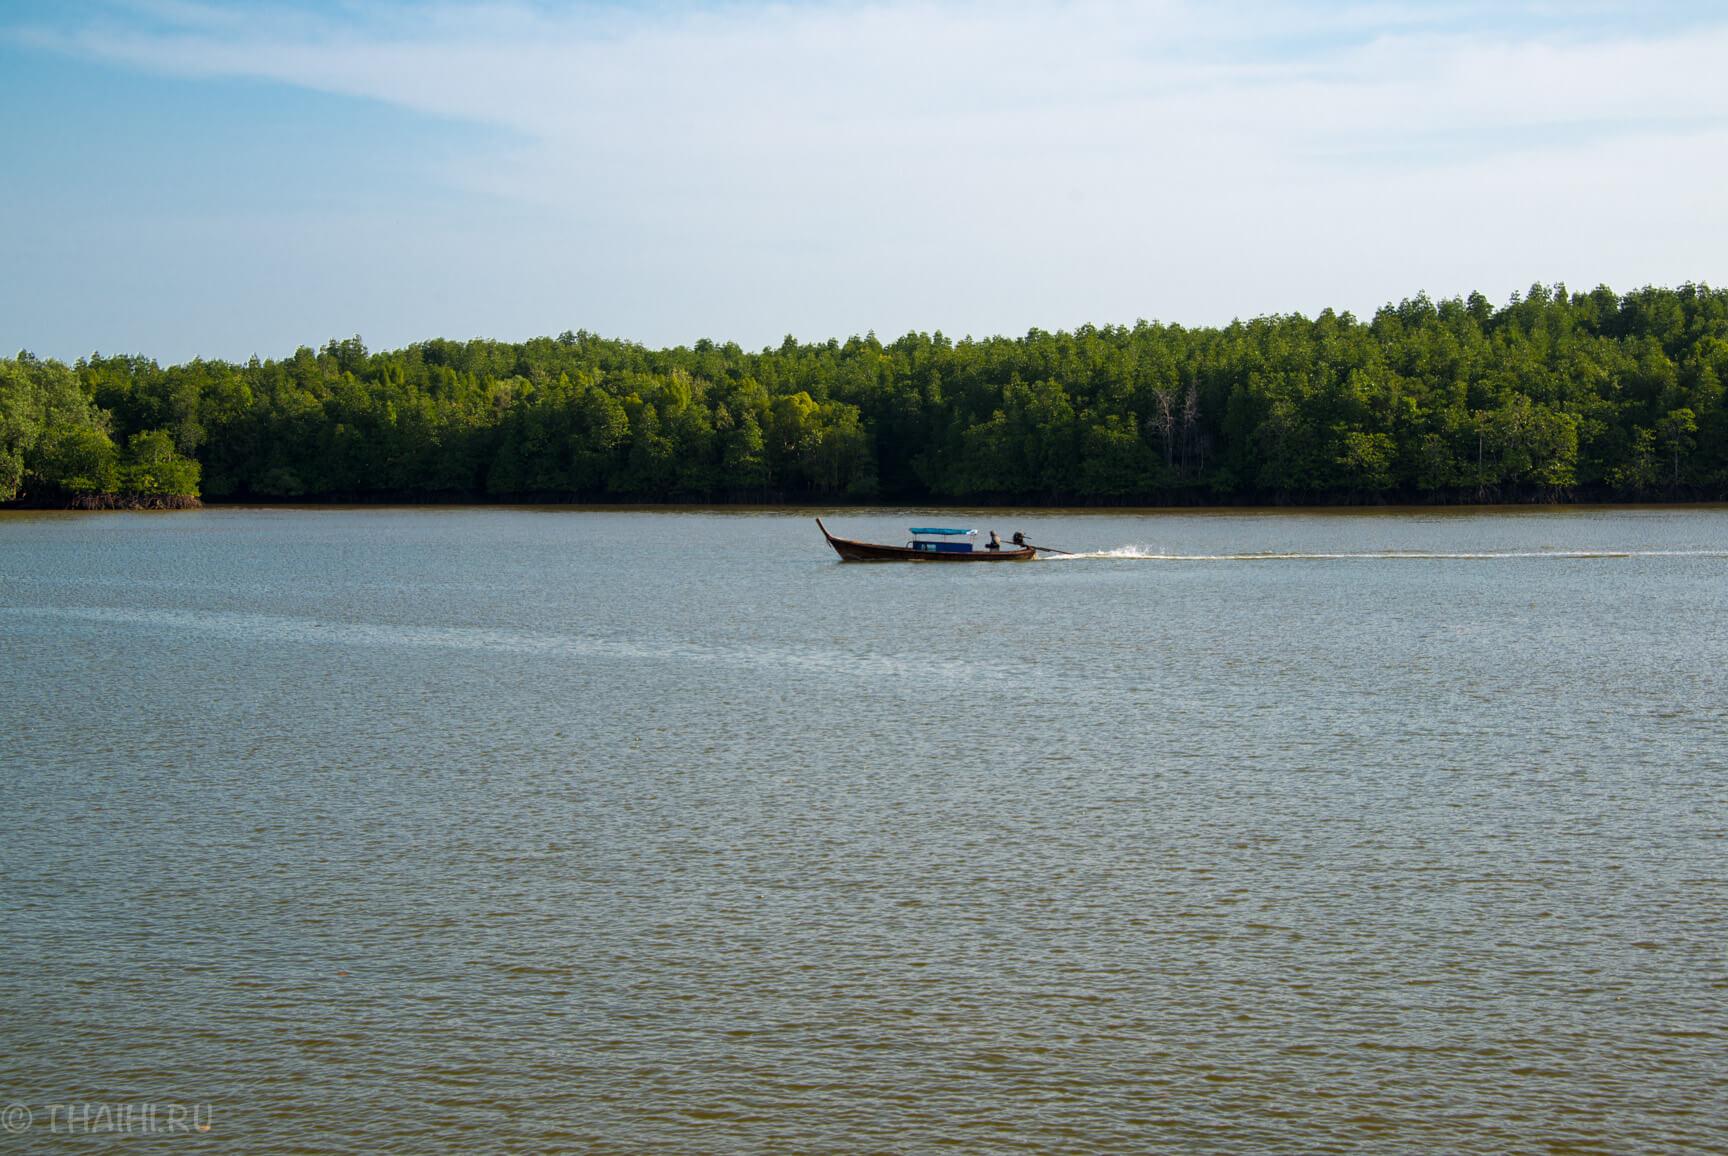 Заросли мангровых деревьев на реке